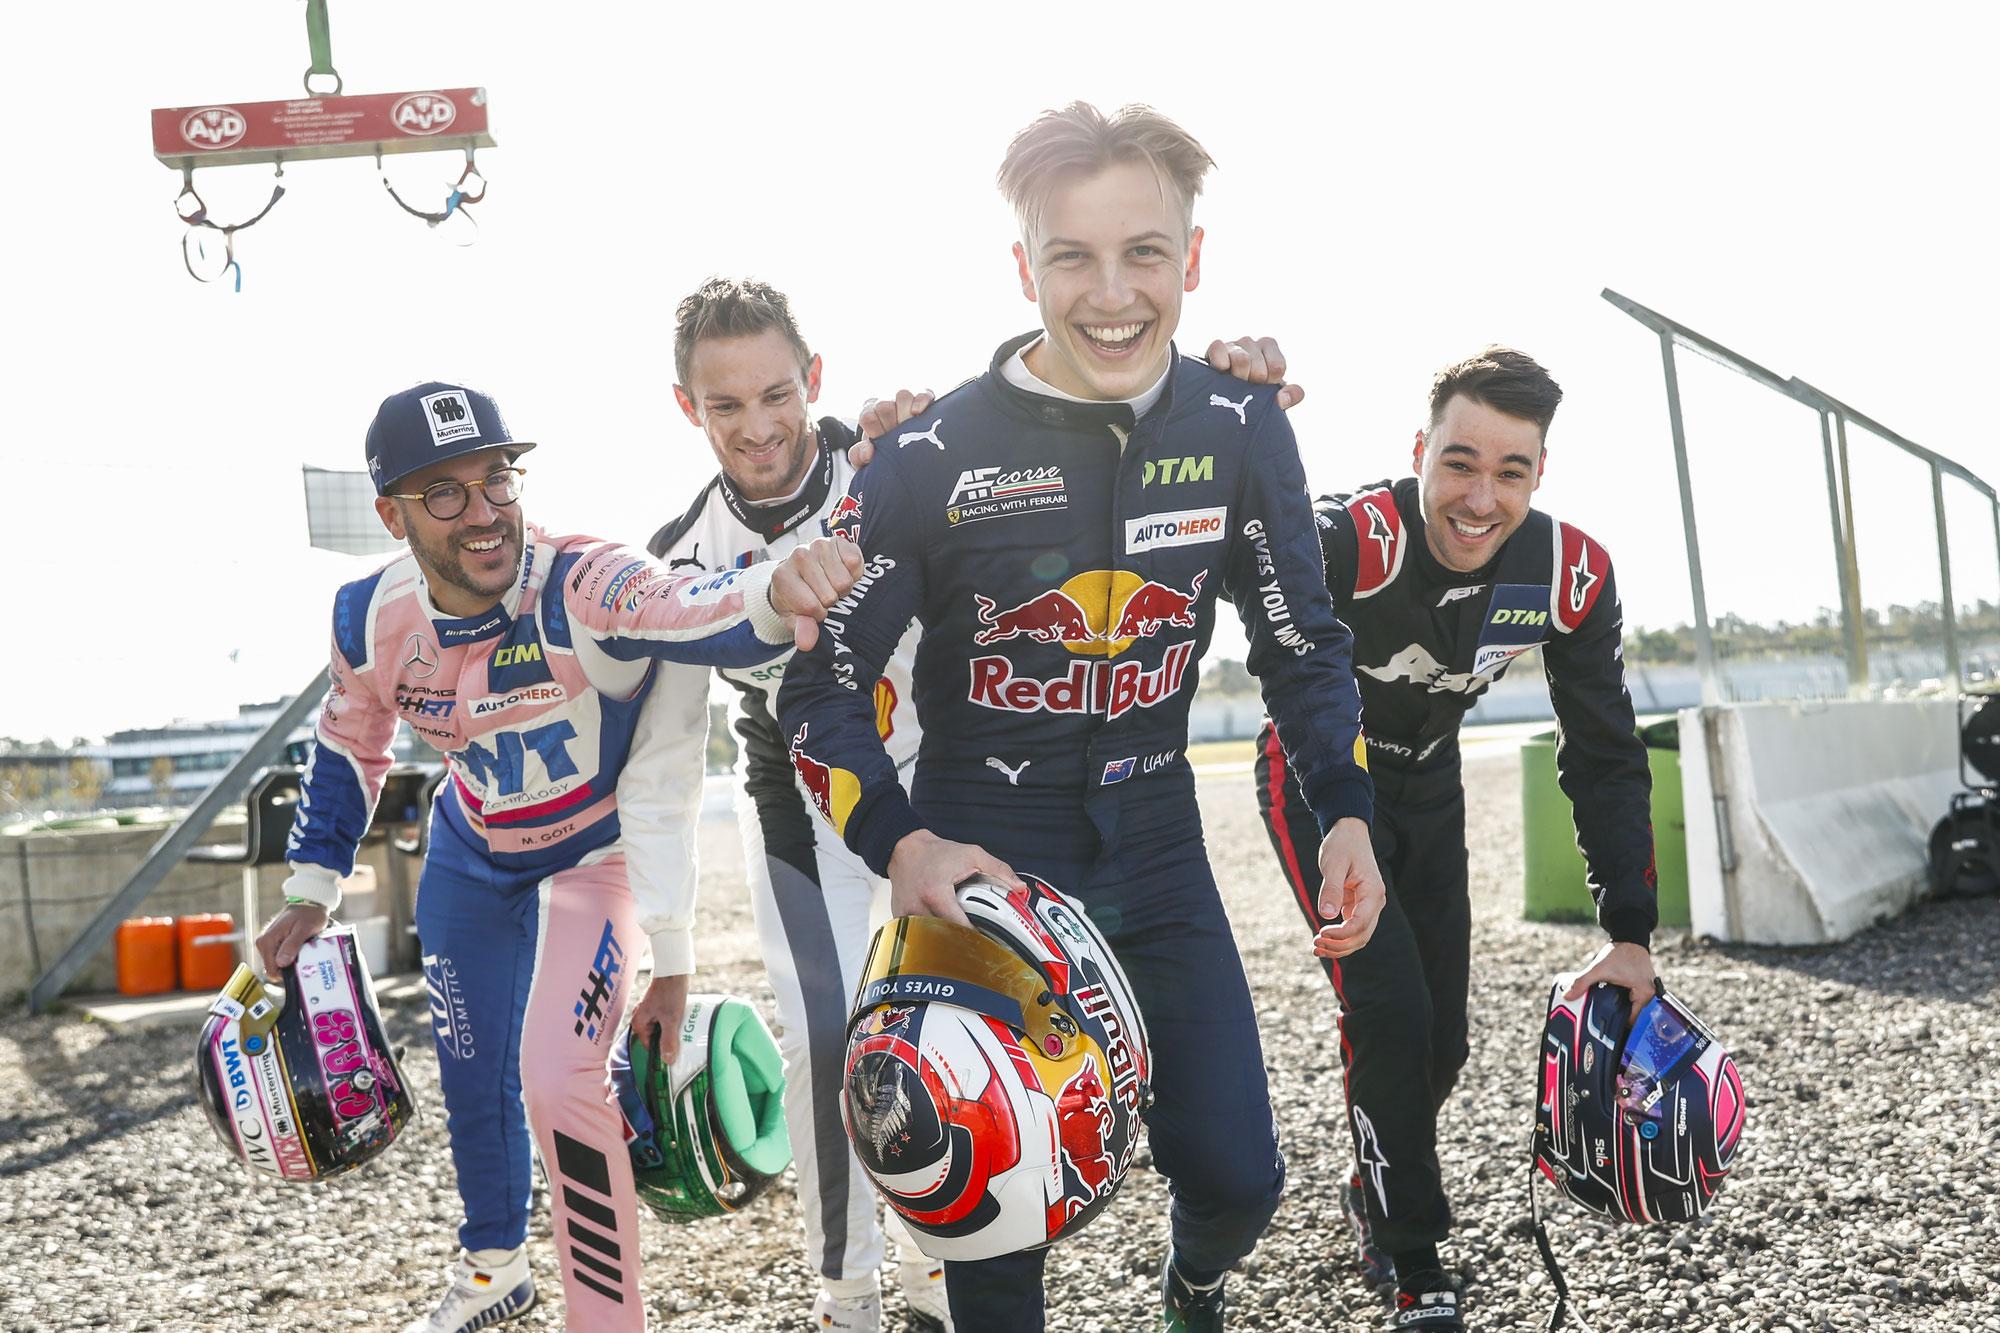 Herzschlagfinale der DTM am Norisring: Duell zwischen Lawson und van der Linde oder doch Vierkampf mit Götz und Wittmann